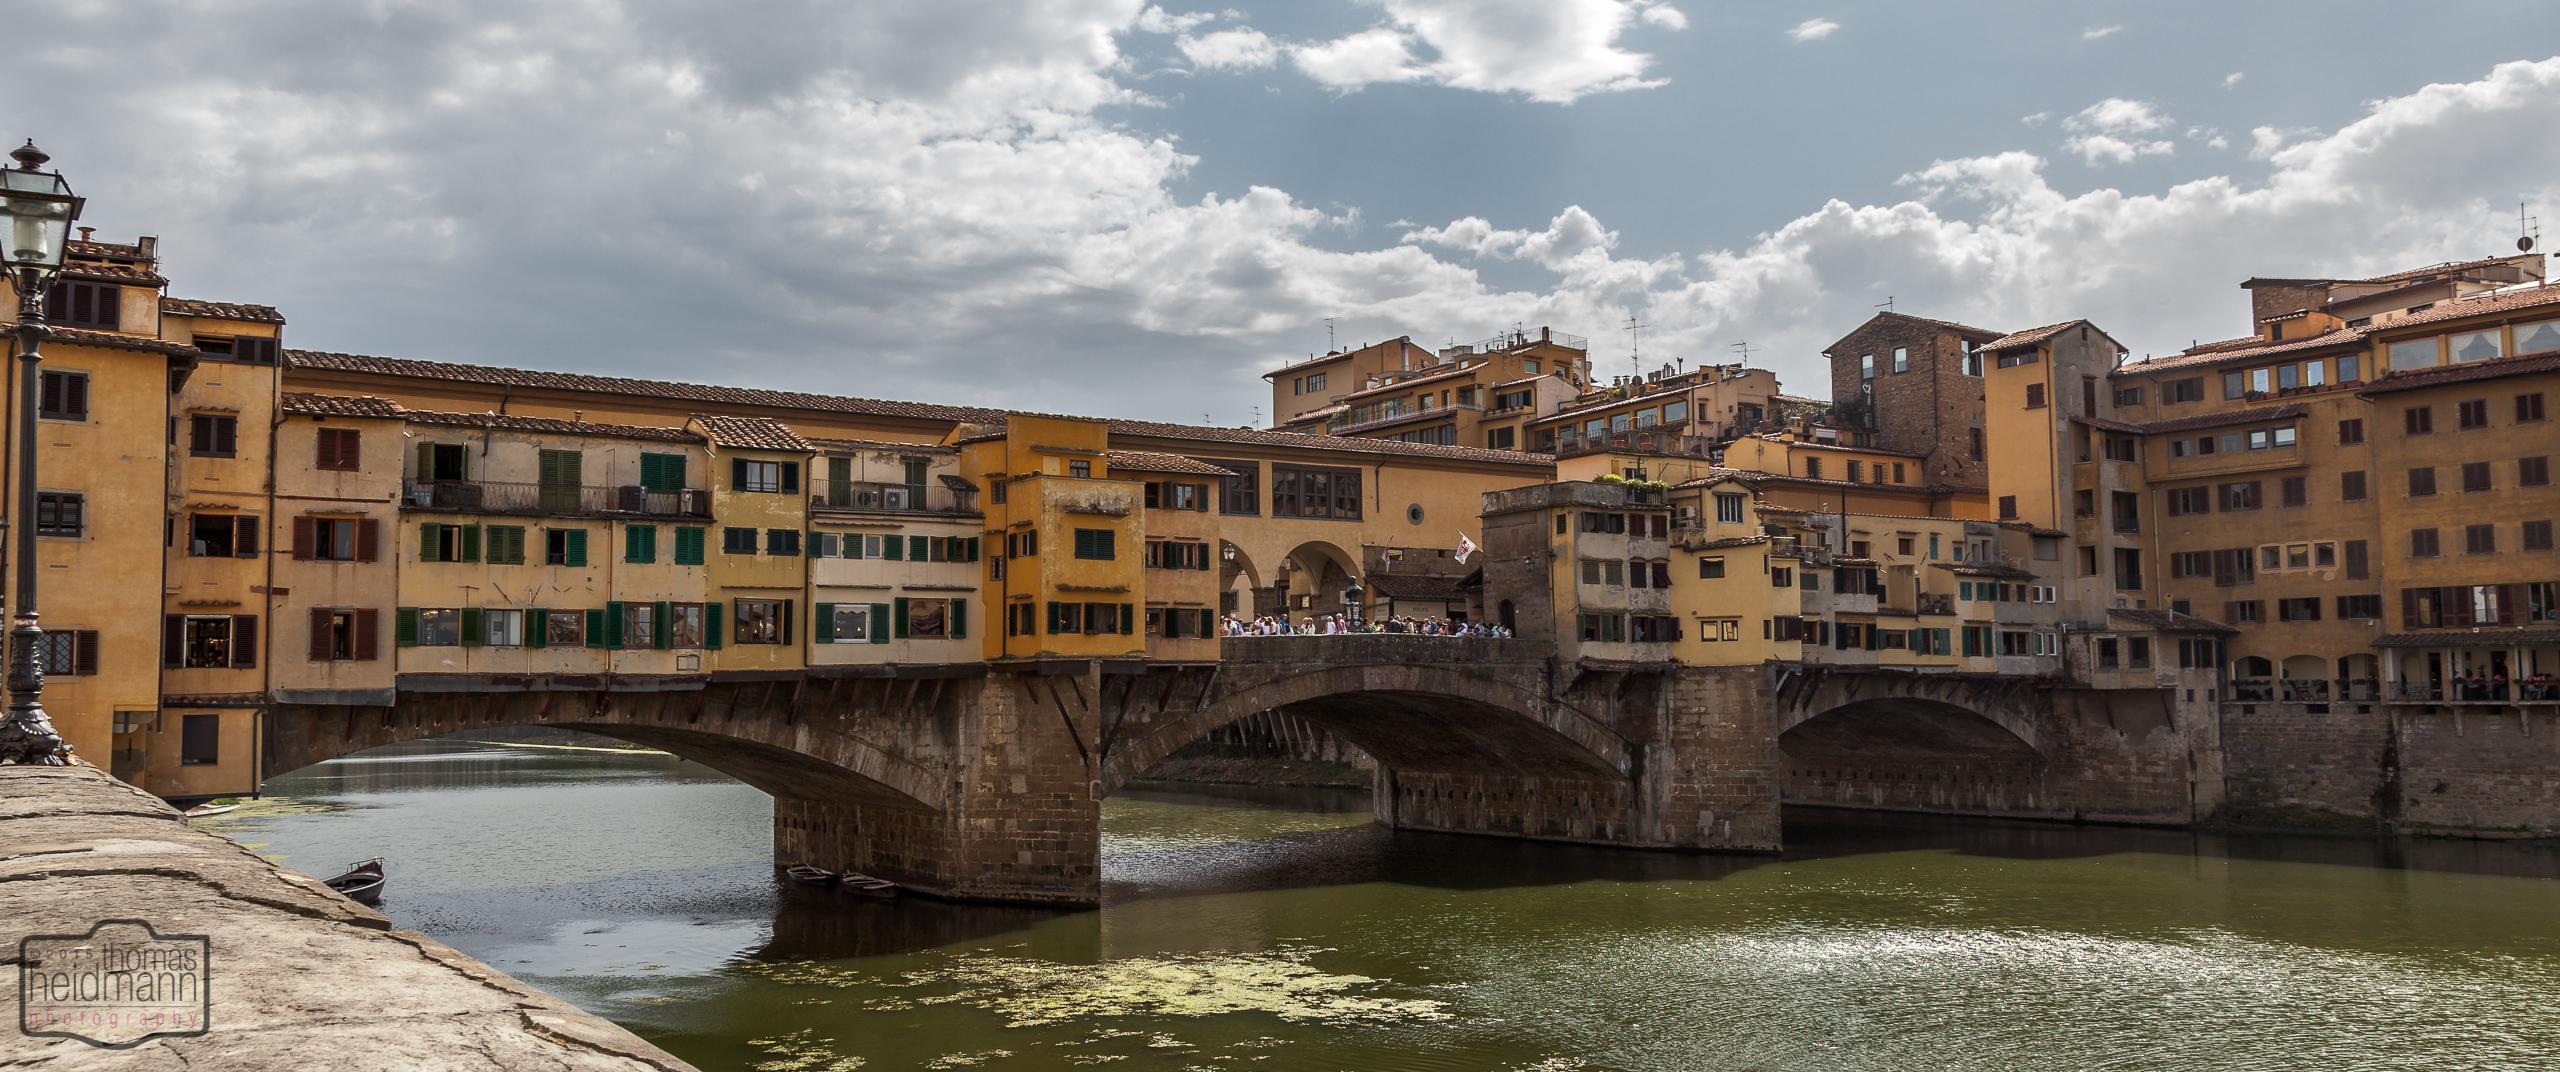 Ponte Vecchio - Brückenhäuser